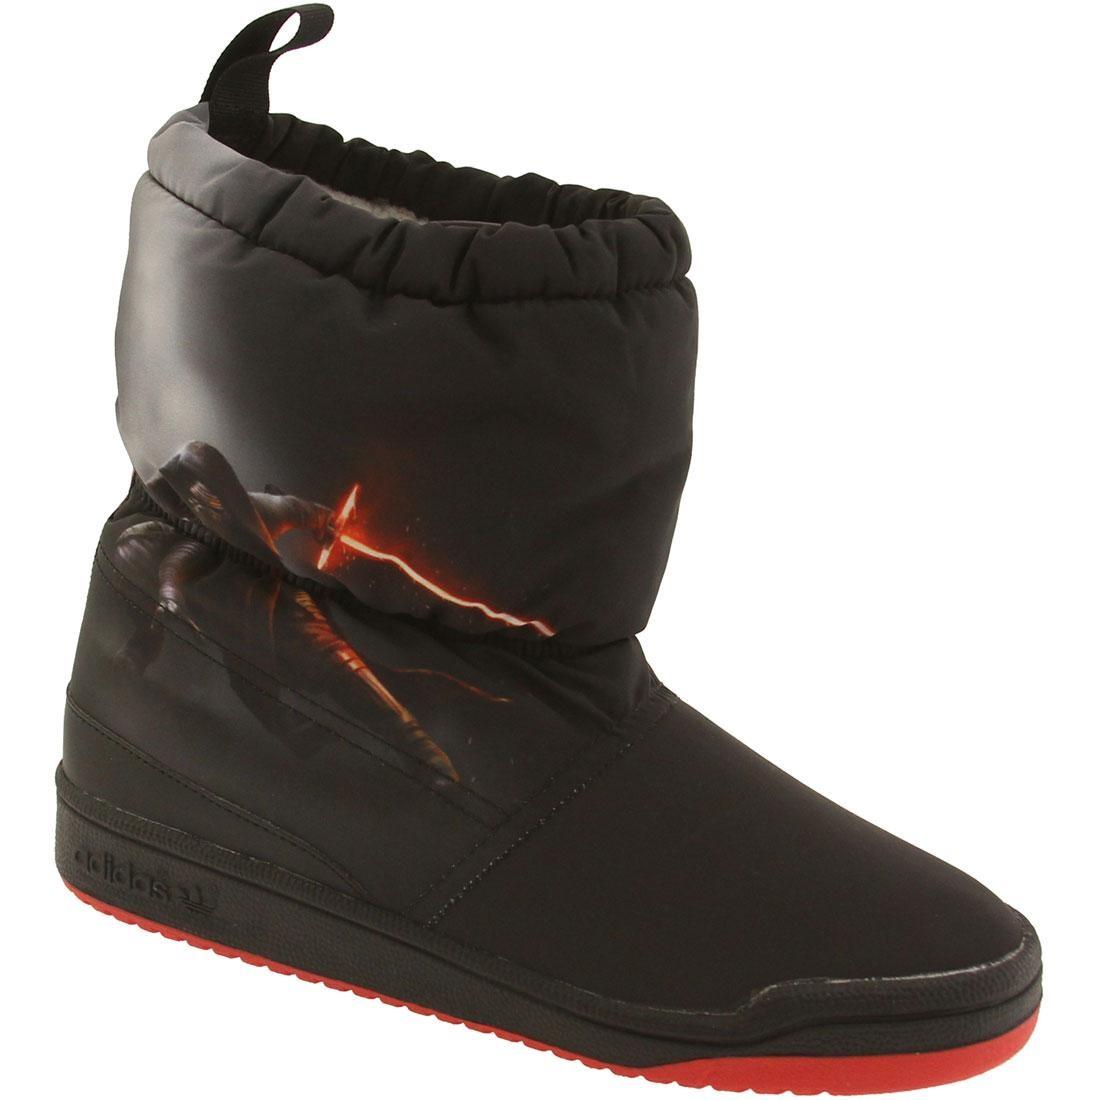 【海外限定】アディダス ブーツ コア 黒 ブラック ベビー スニーカー 【 ADIDAS BLACK BIG KIDS STAR WARS SLIP ON BOOT CORE RED 】